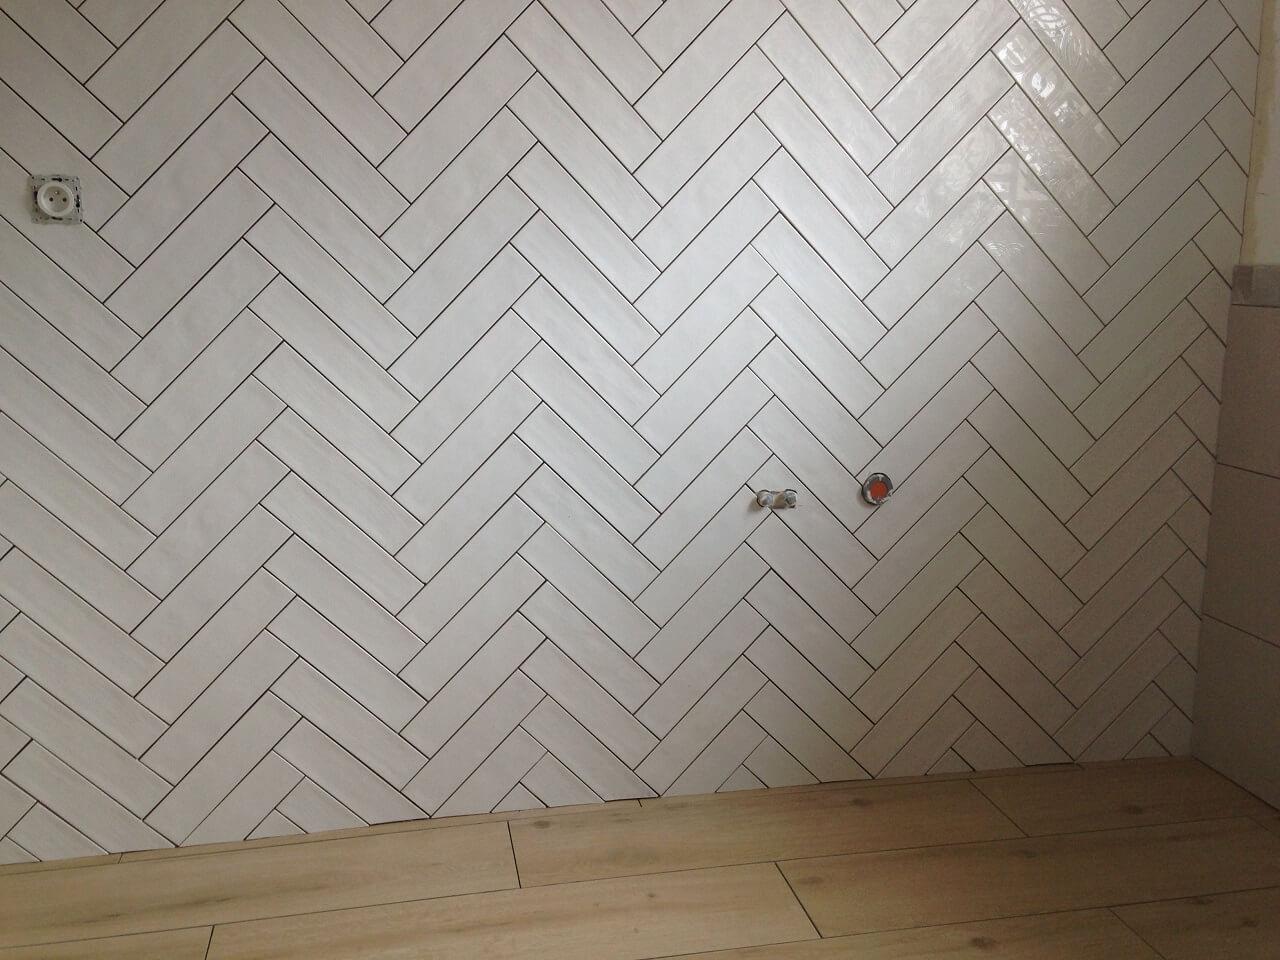 Pose chevron diagonale murale, carreaux de 7,5x22